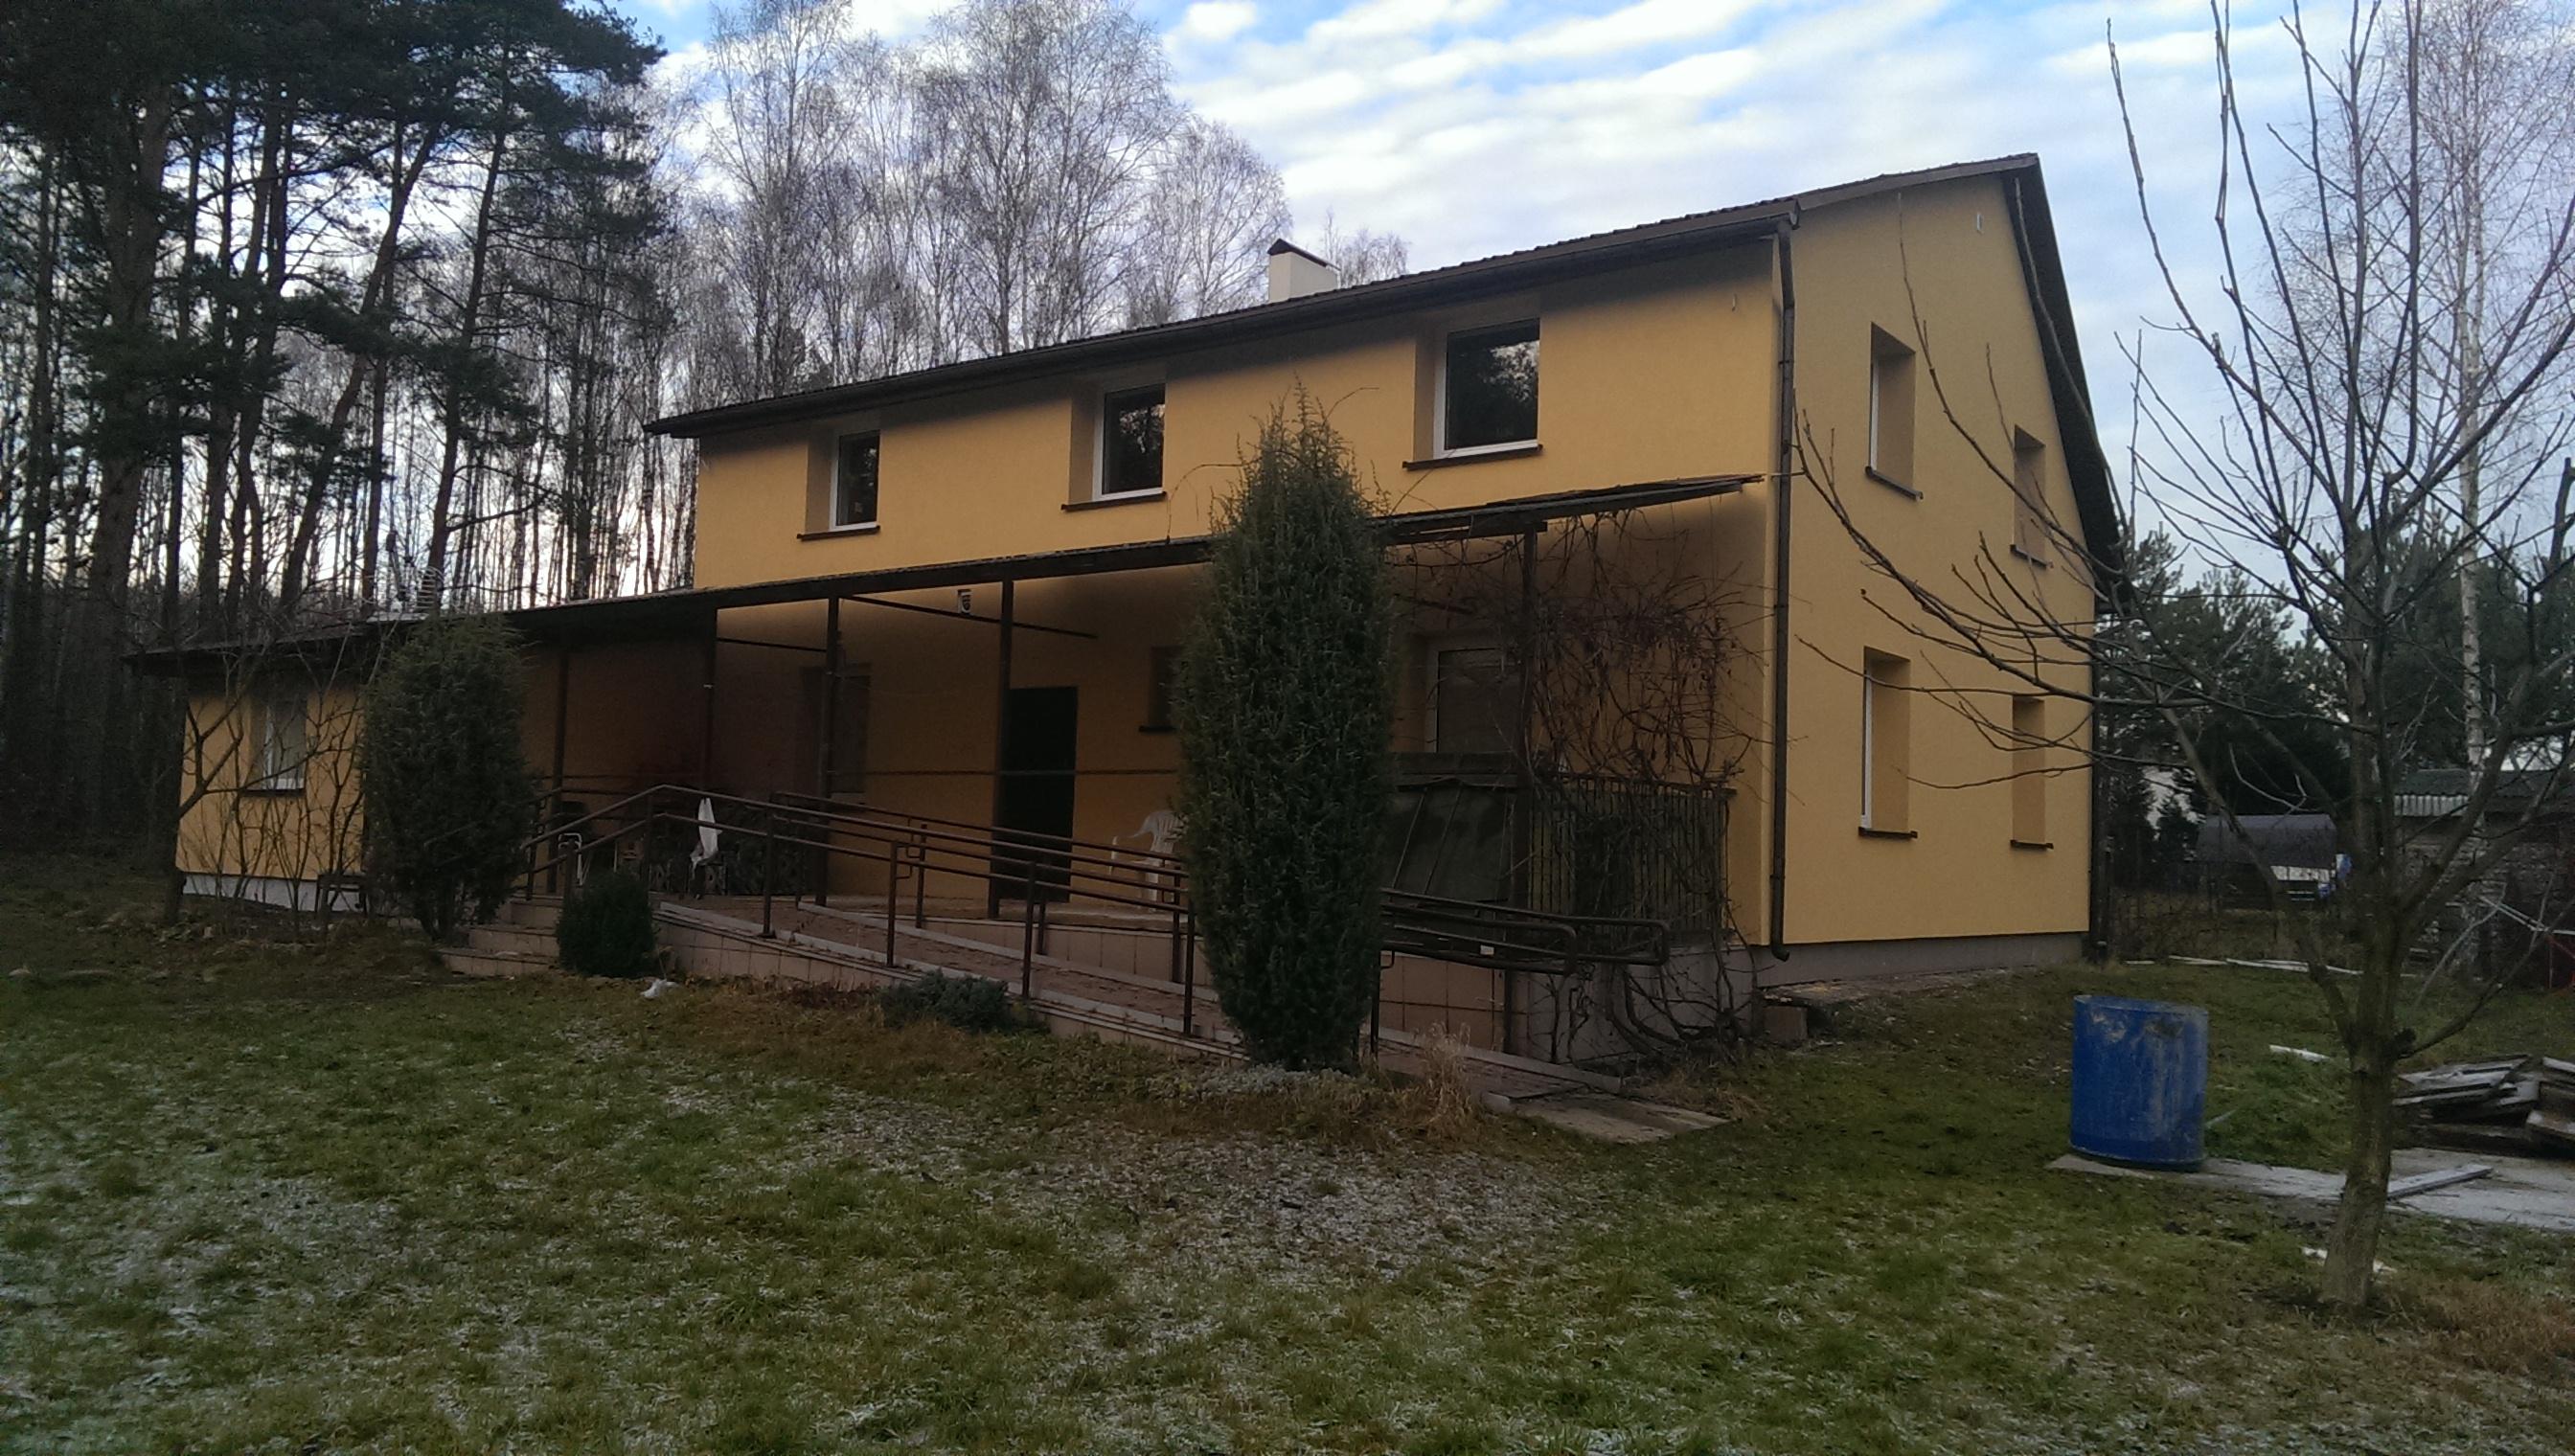 Aktualny widok po ociepleniu budynku.